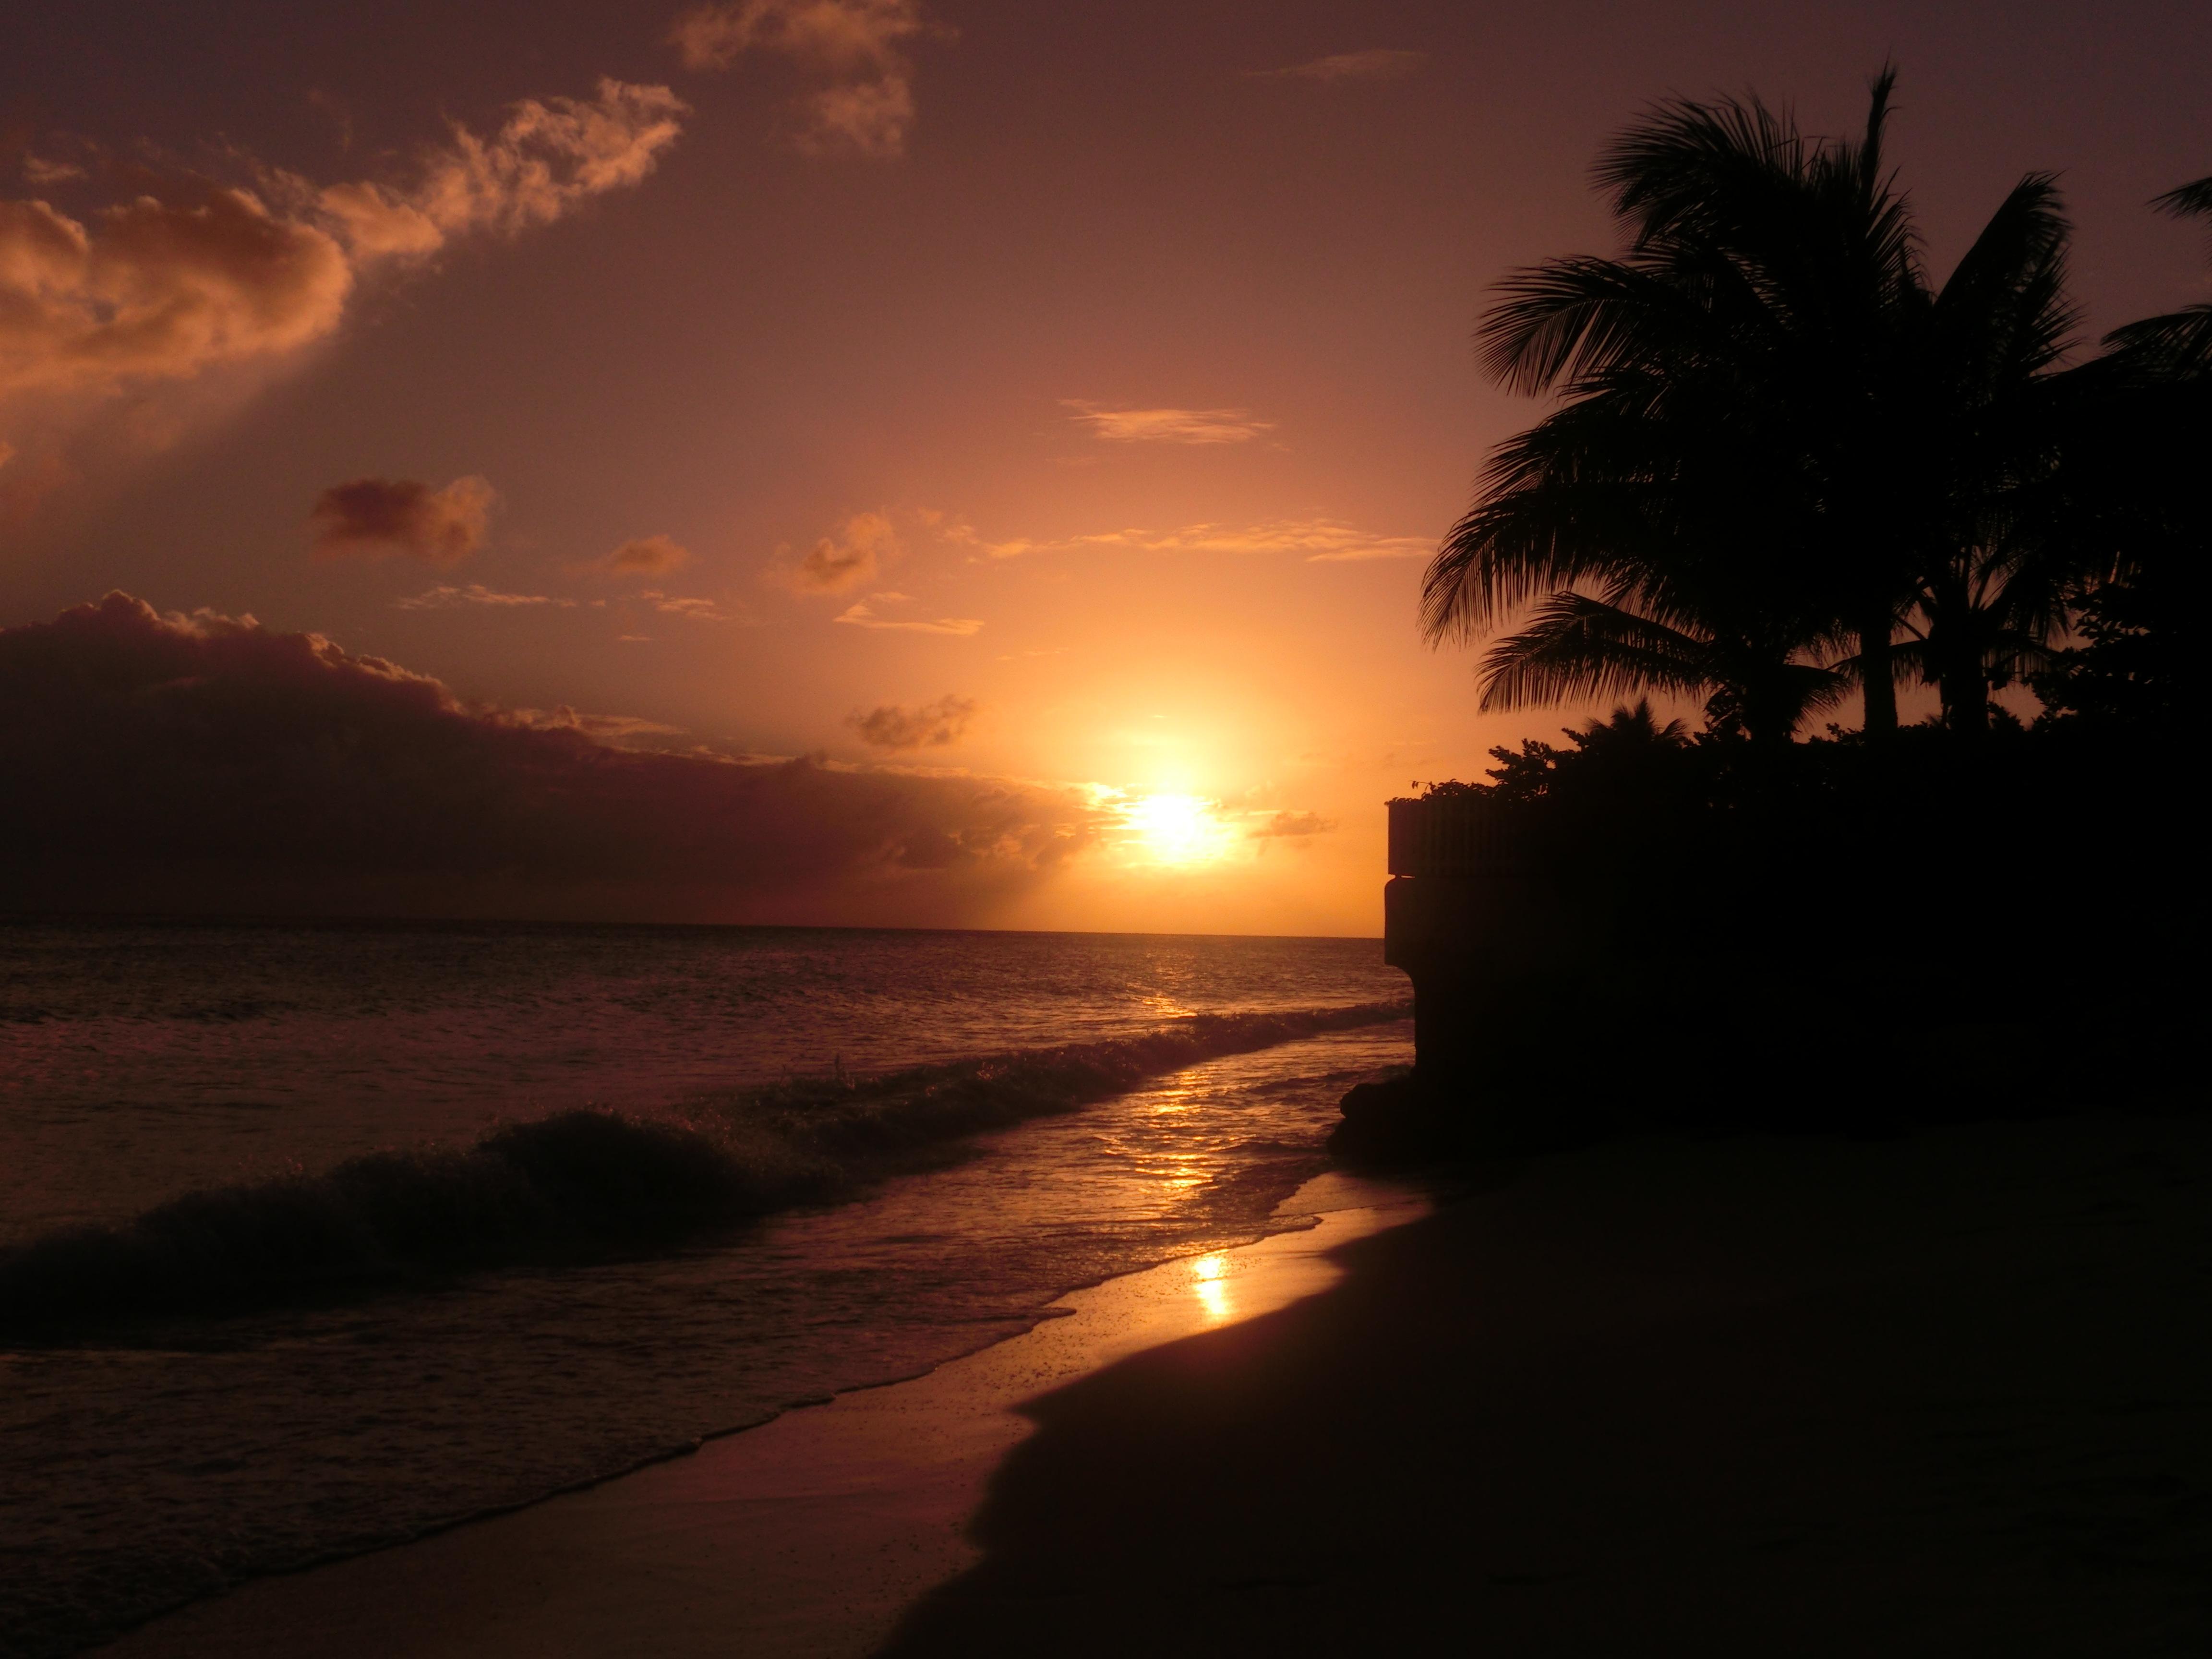 Sonnenuntergang Barbados